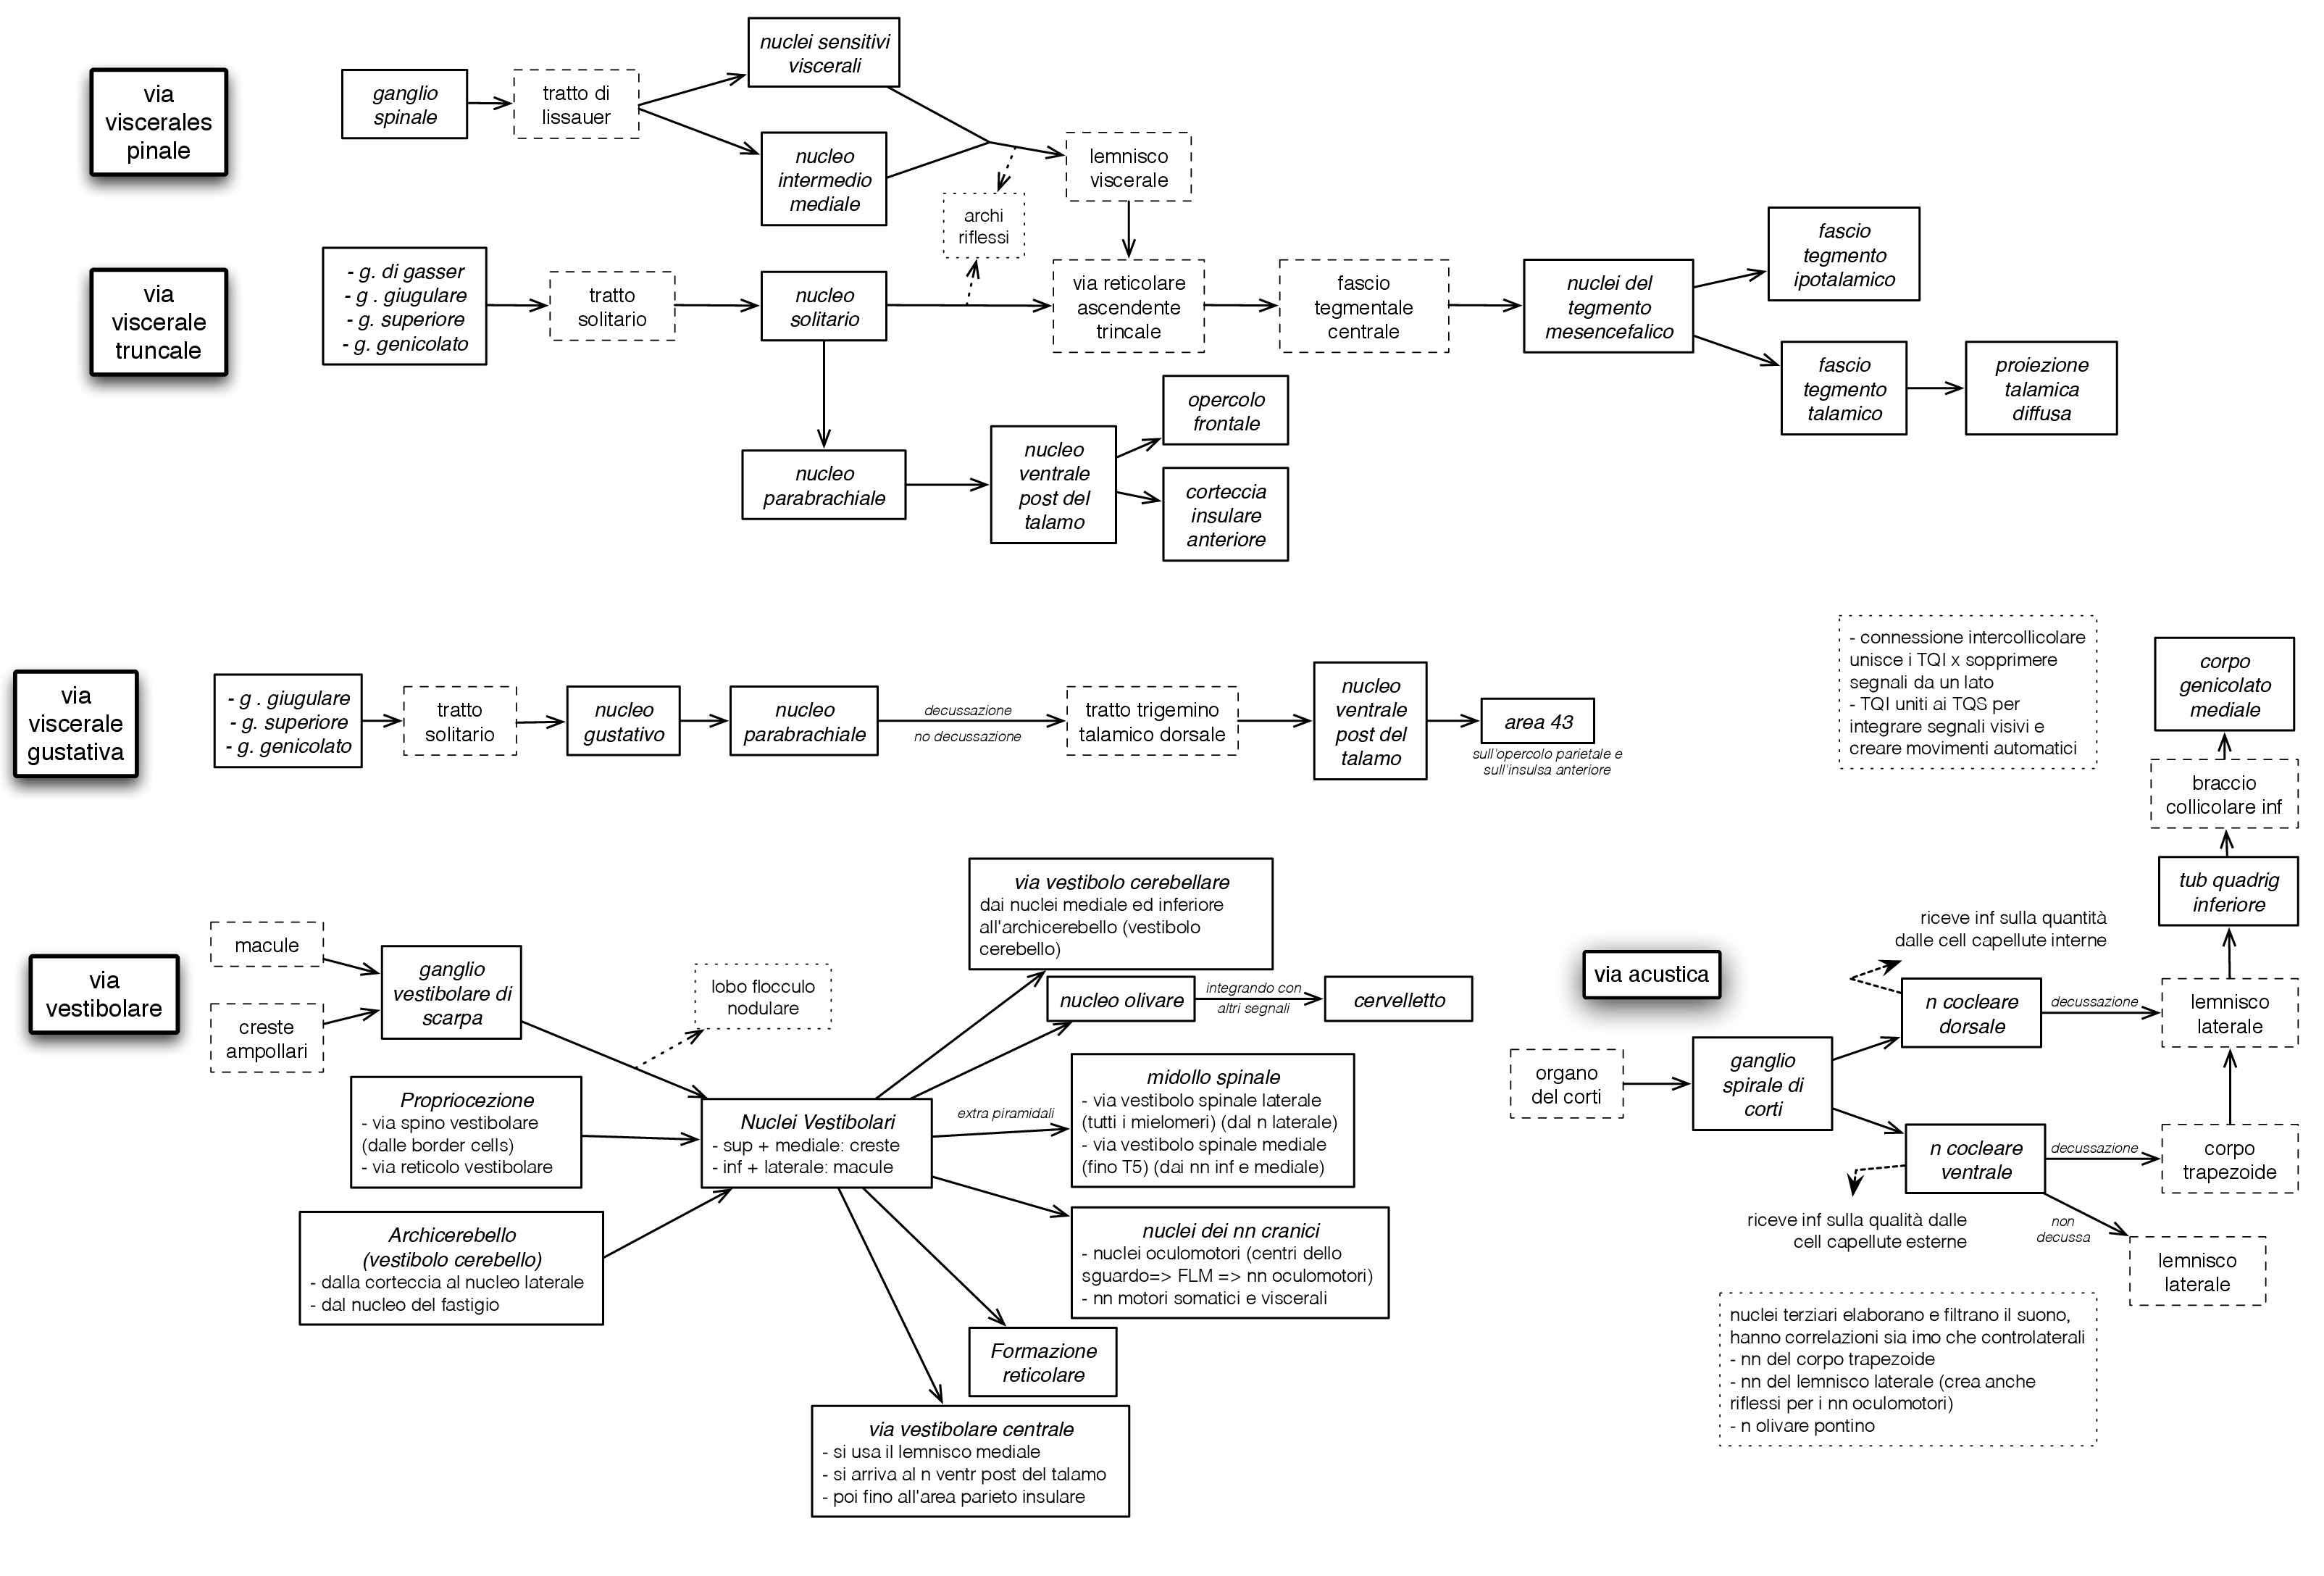 Anatomia umana - schema completo Neuroanatomia Pag. 2